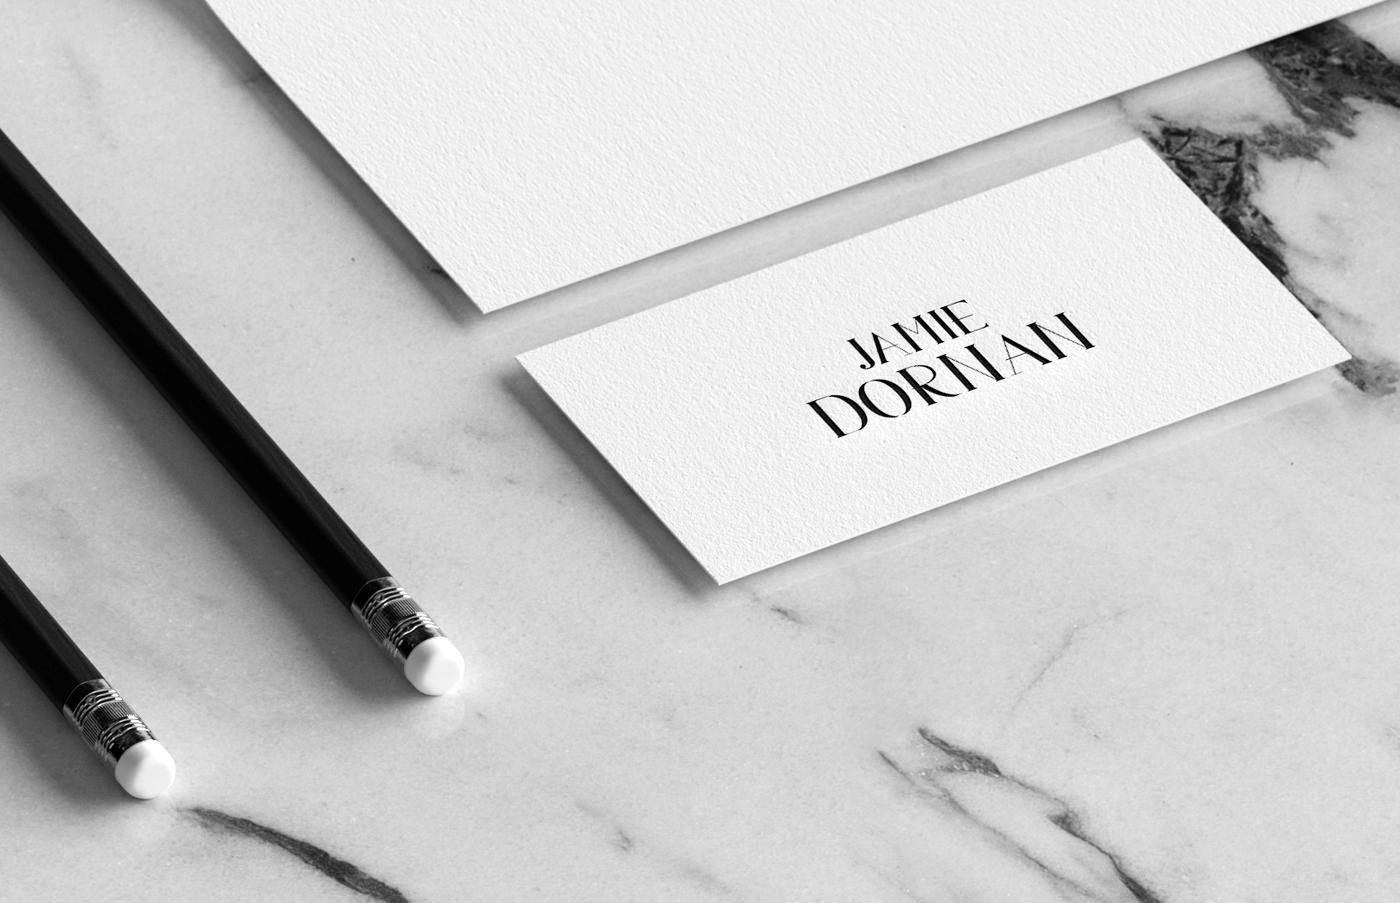 Dornan Font